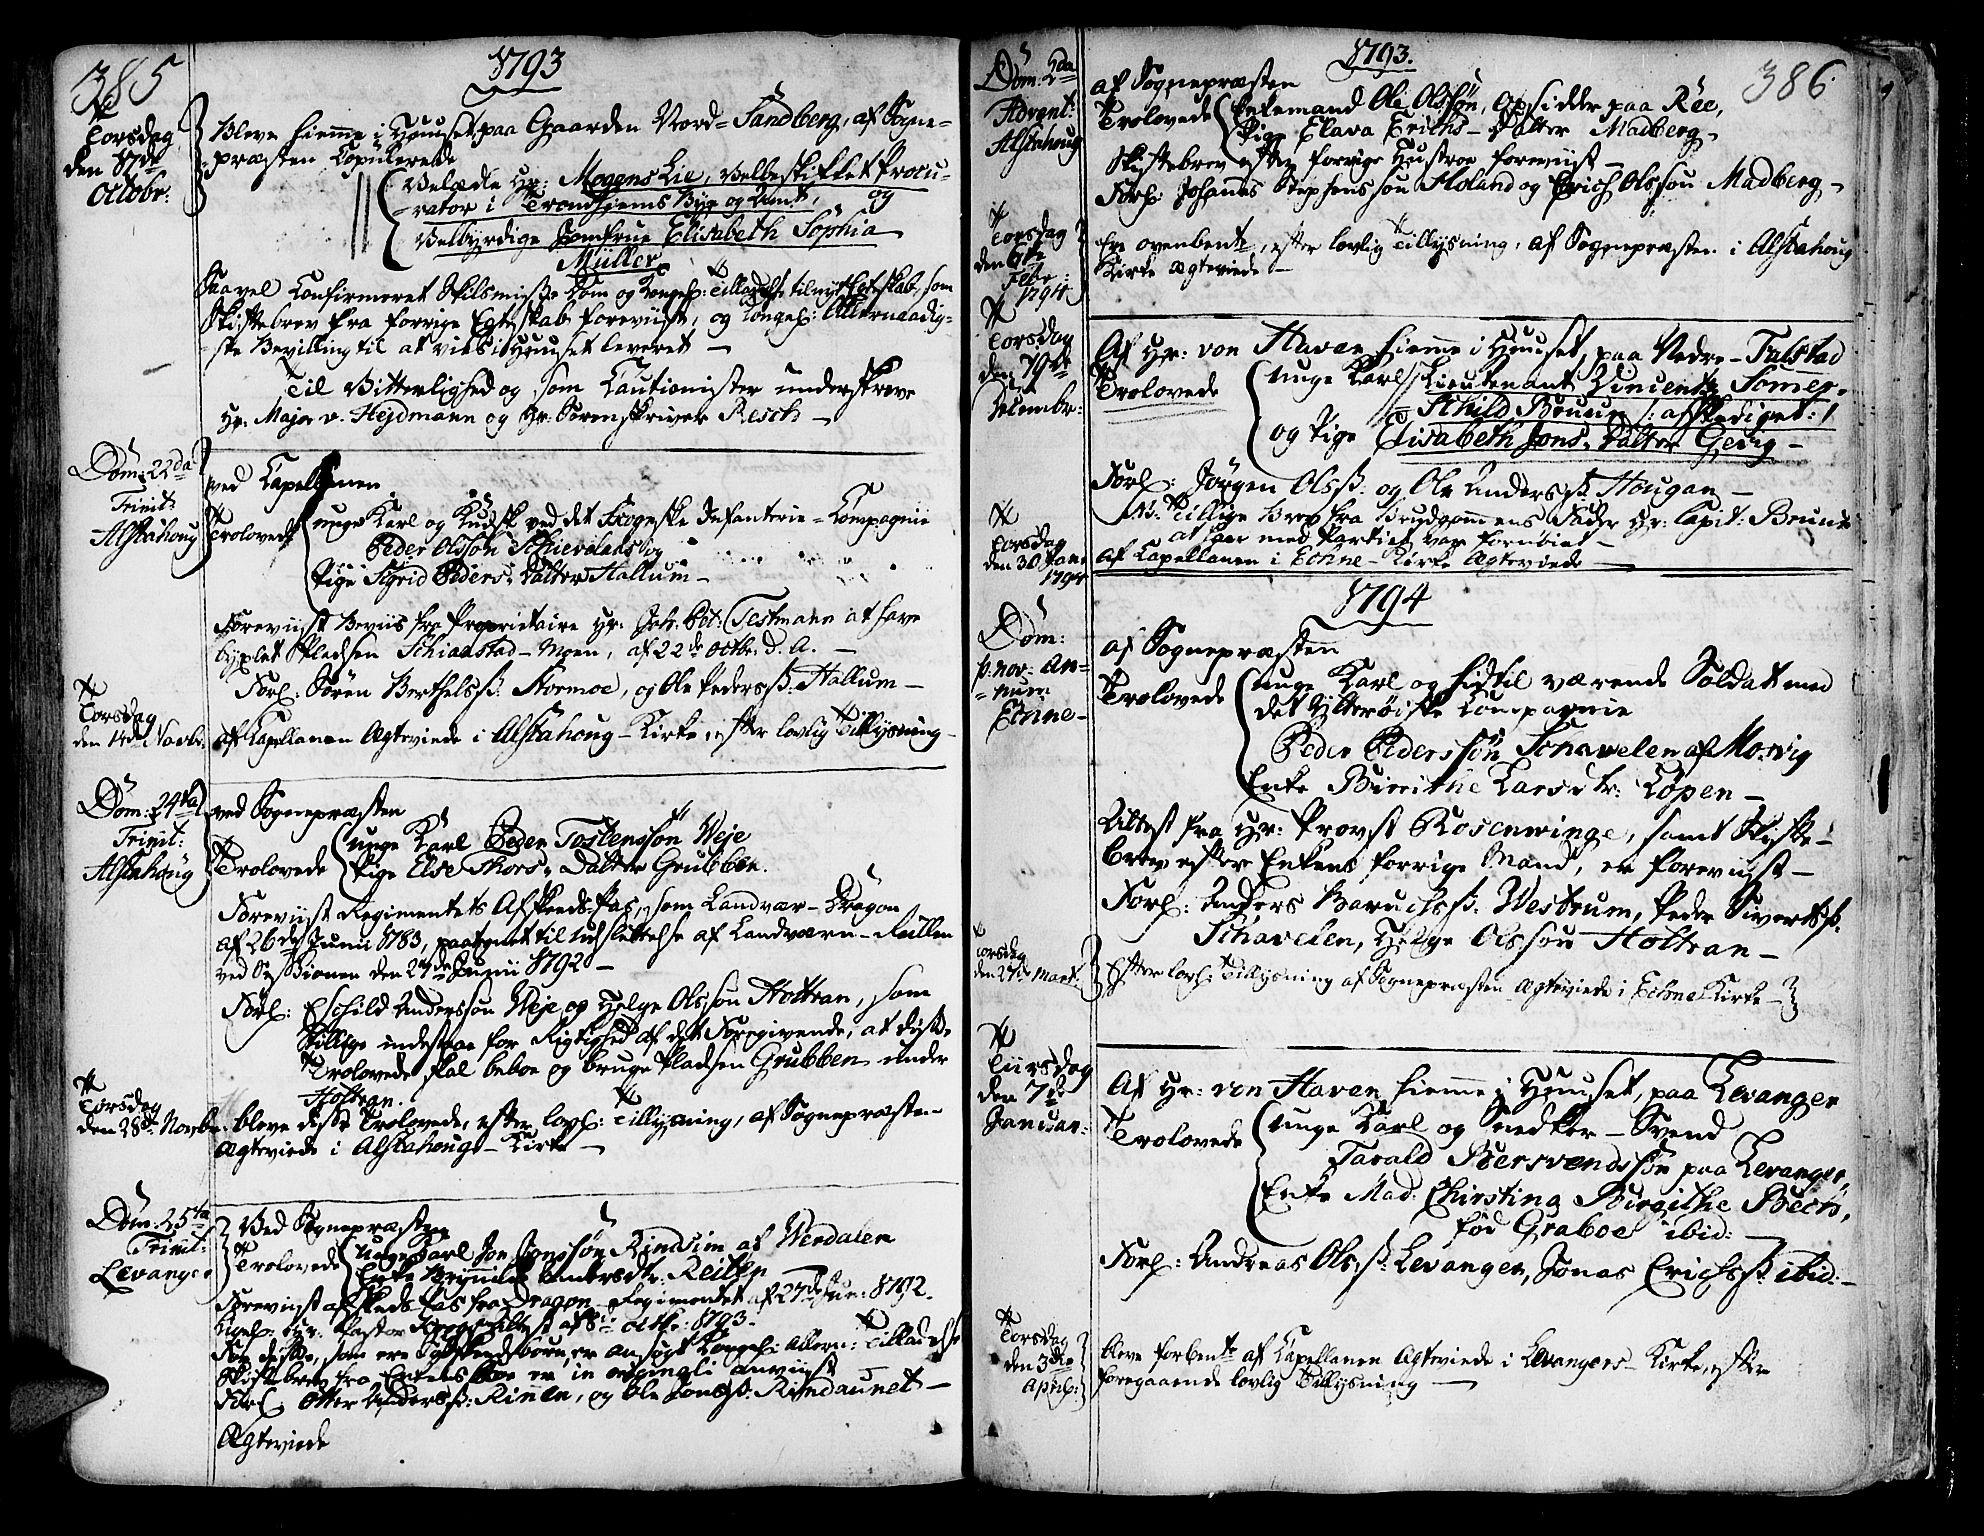 SAT, Ministerialprotokoller, klokkerbøker og fødselsregistre - Nord-Trøndelag, 717/L0141: Ministerialbok nr. 717A01, 1747-1803, s. 385-386